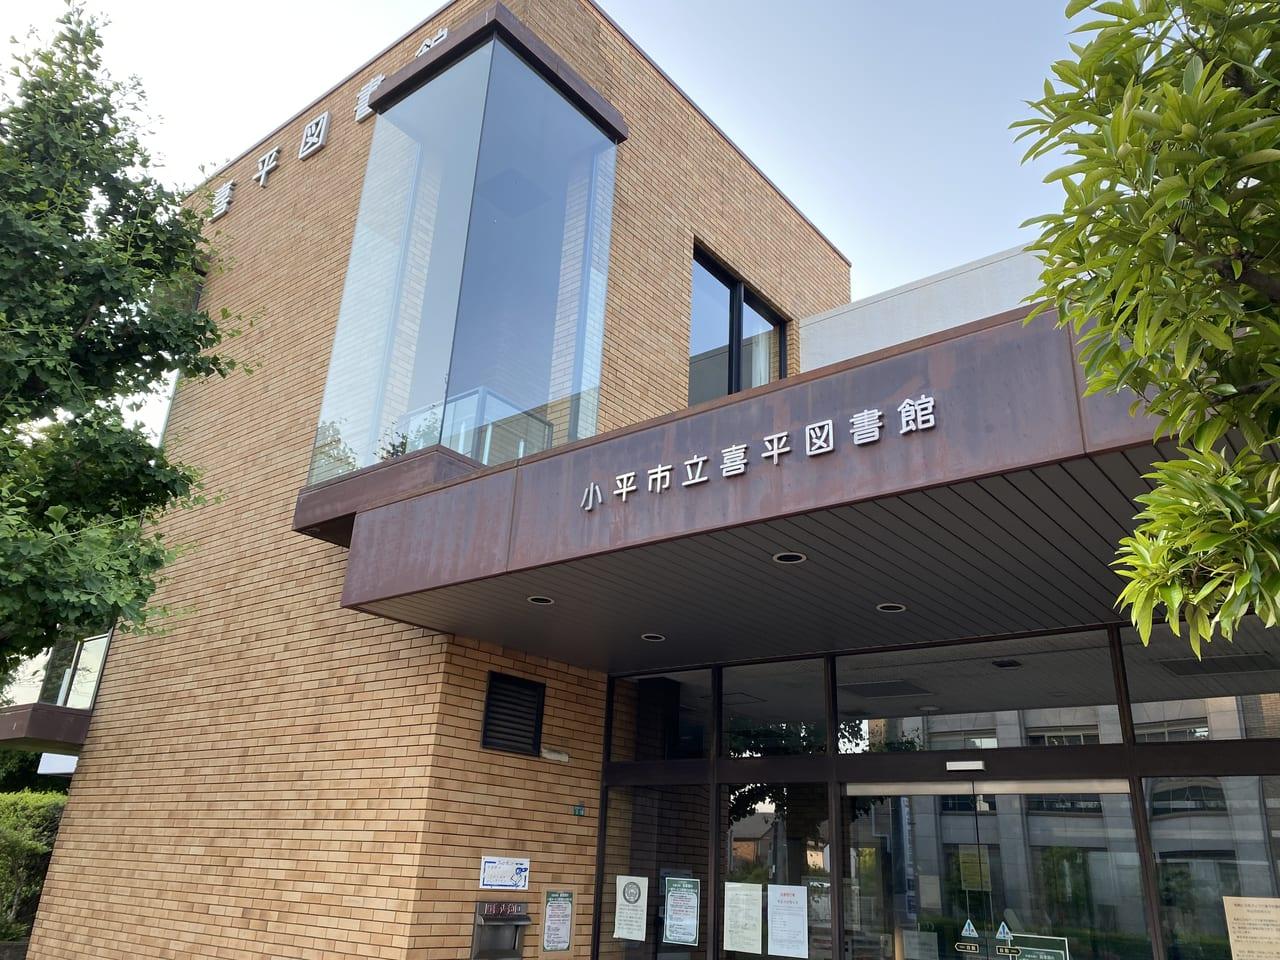 図書館 小平 市